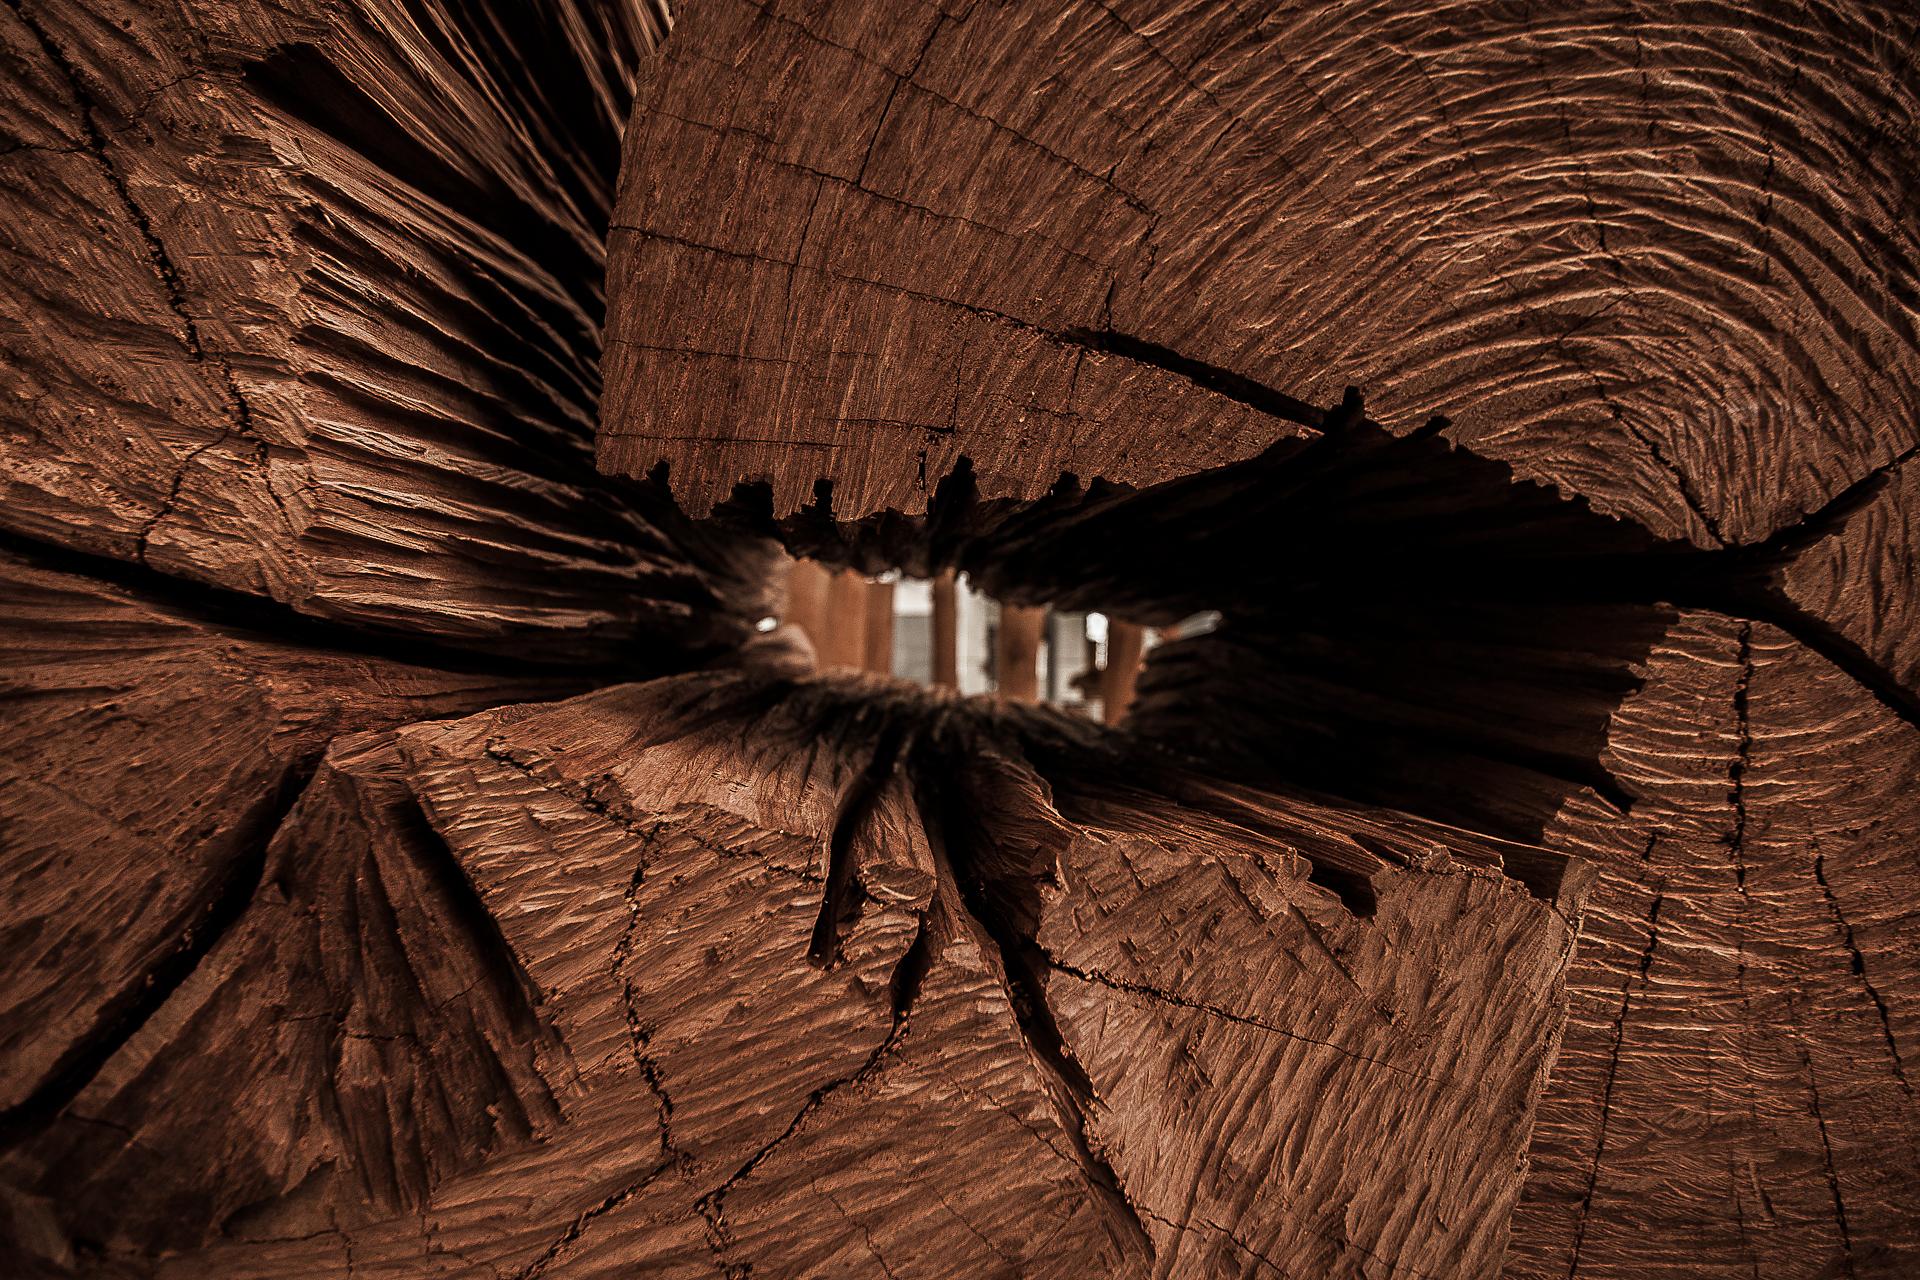 Fotografia-Photography-Alberto-Carneiro-Escultura-Sculpture-Bronze-Madeira-Wood-Basalto-Basalt-Fabrica-Santo-Thyrso-Texturas-Textures-Parcial-Partial-bonjourmolotov-Andre-Gigante-09